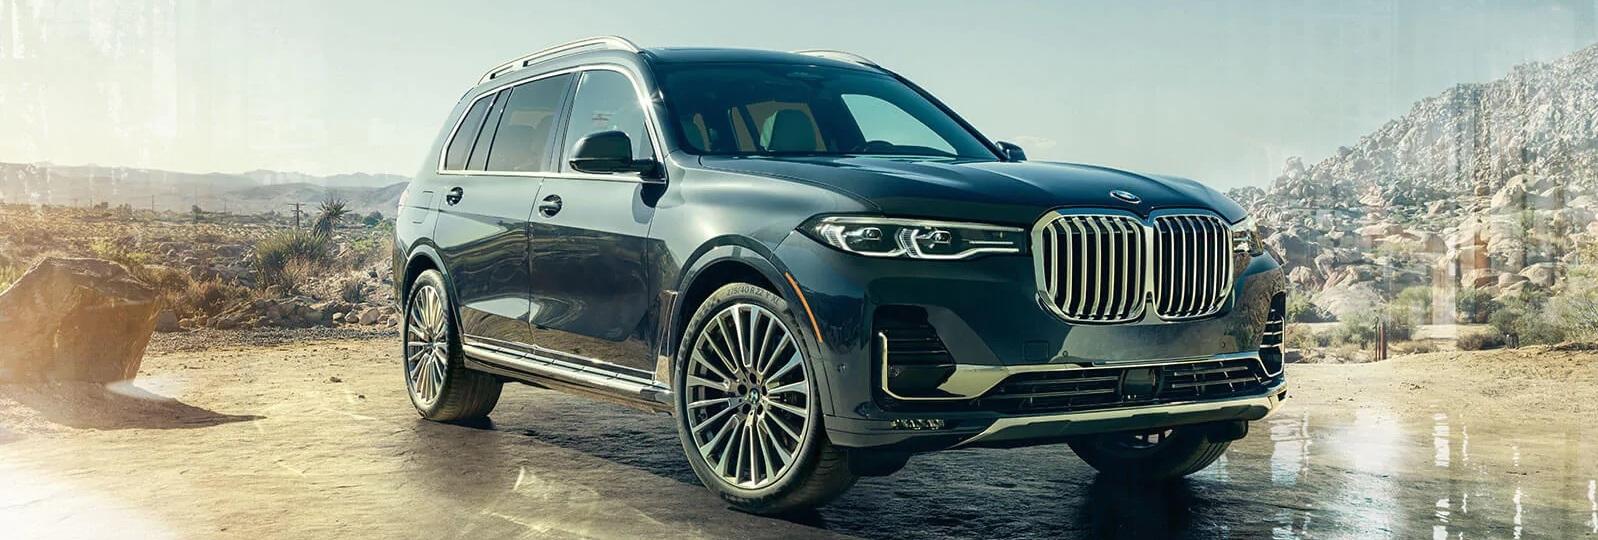 2020 BMW X7 for Sale near Dallas, TX